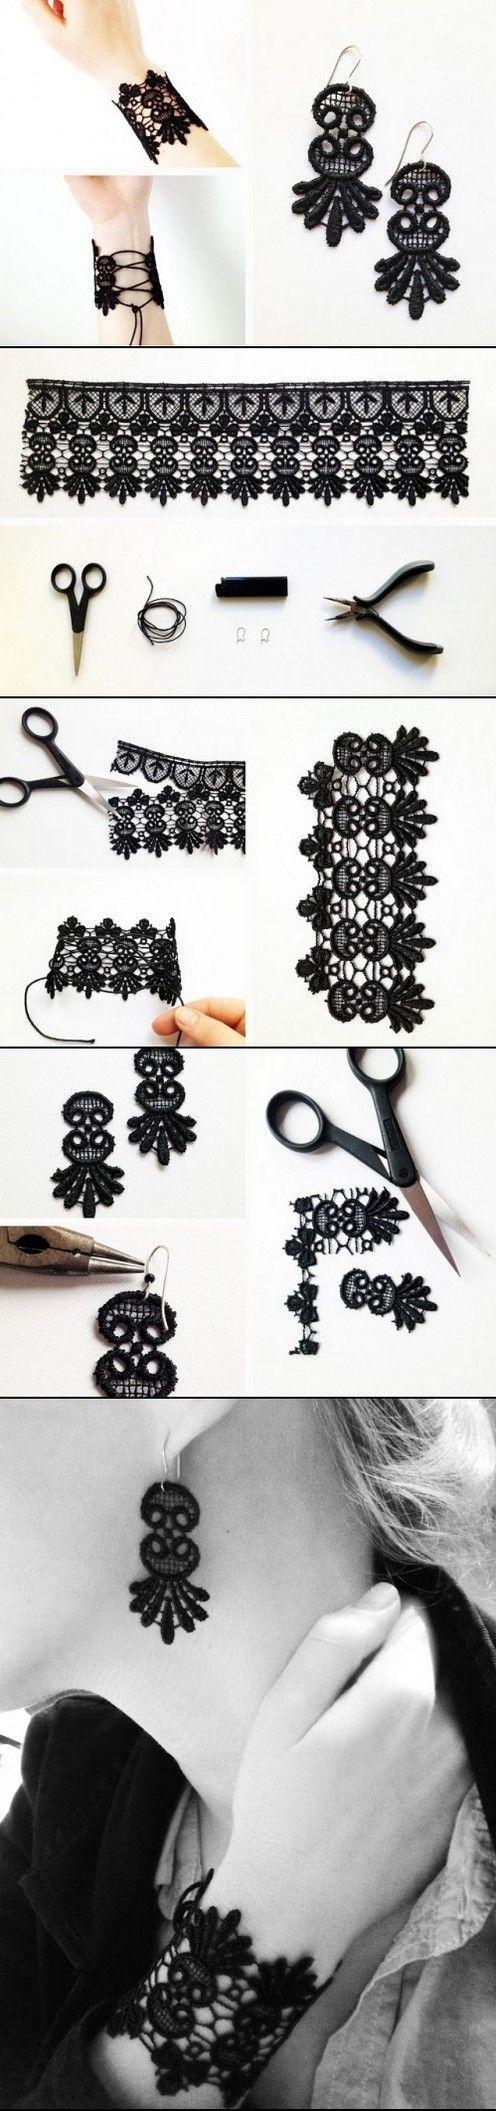 http://www.hijabiworld.com/bohemian-handcrafted-jewelry/    #bohemiancrystaljewelry #bohemianjewelry   #jewelryforwomen   #jewellery   #diyjewelryideas